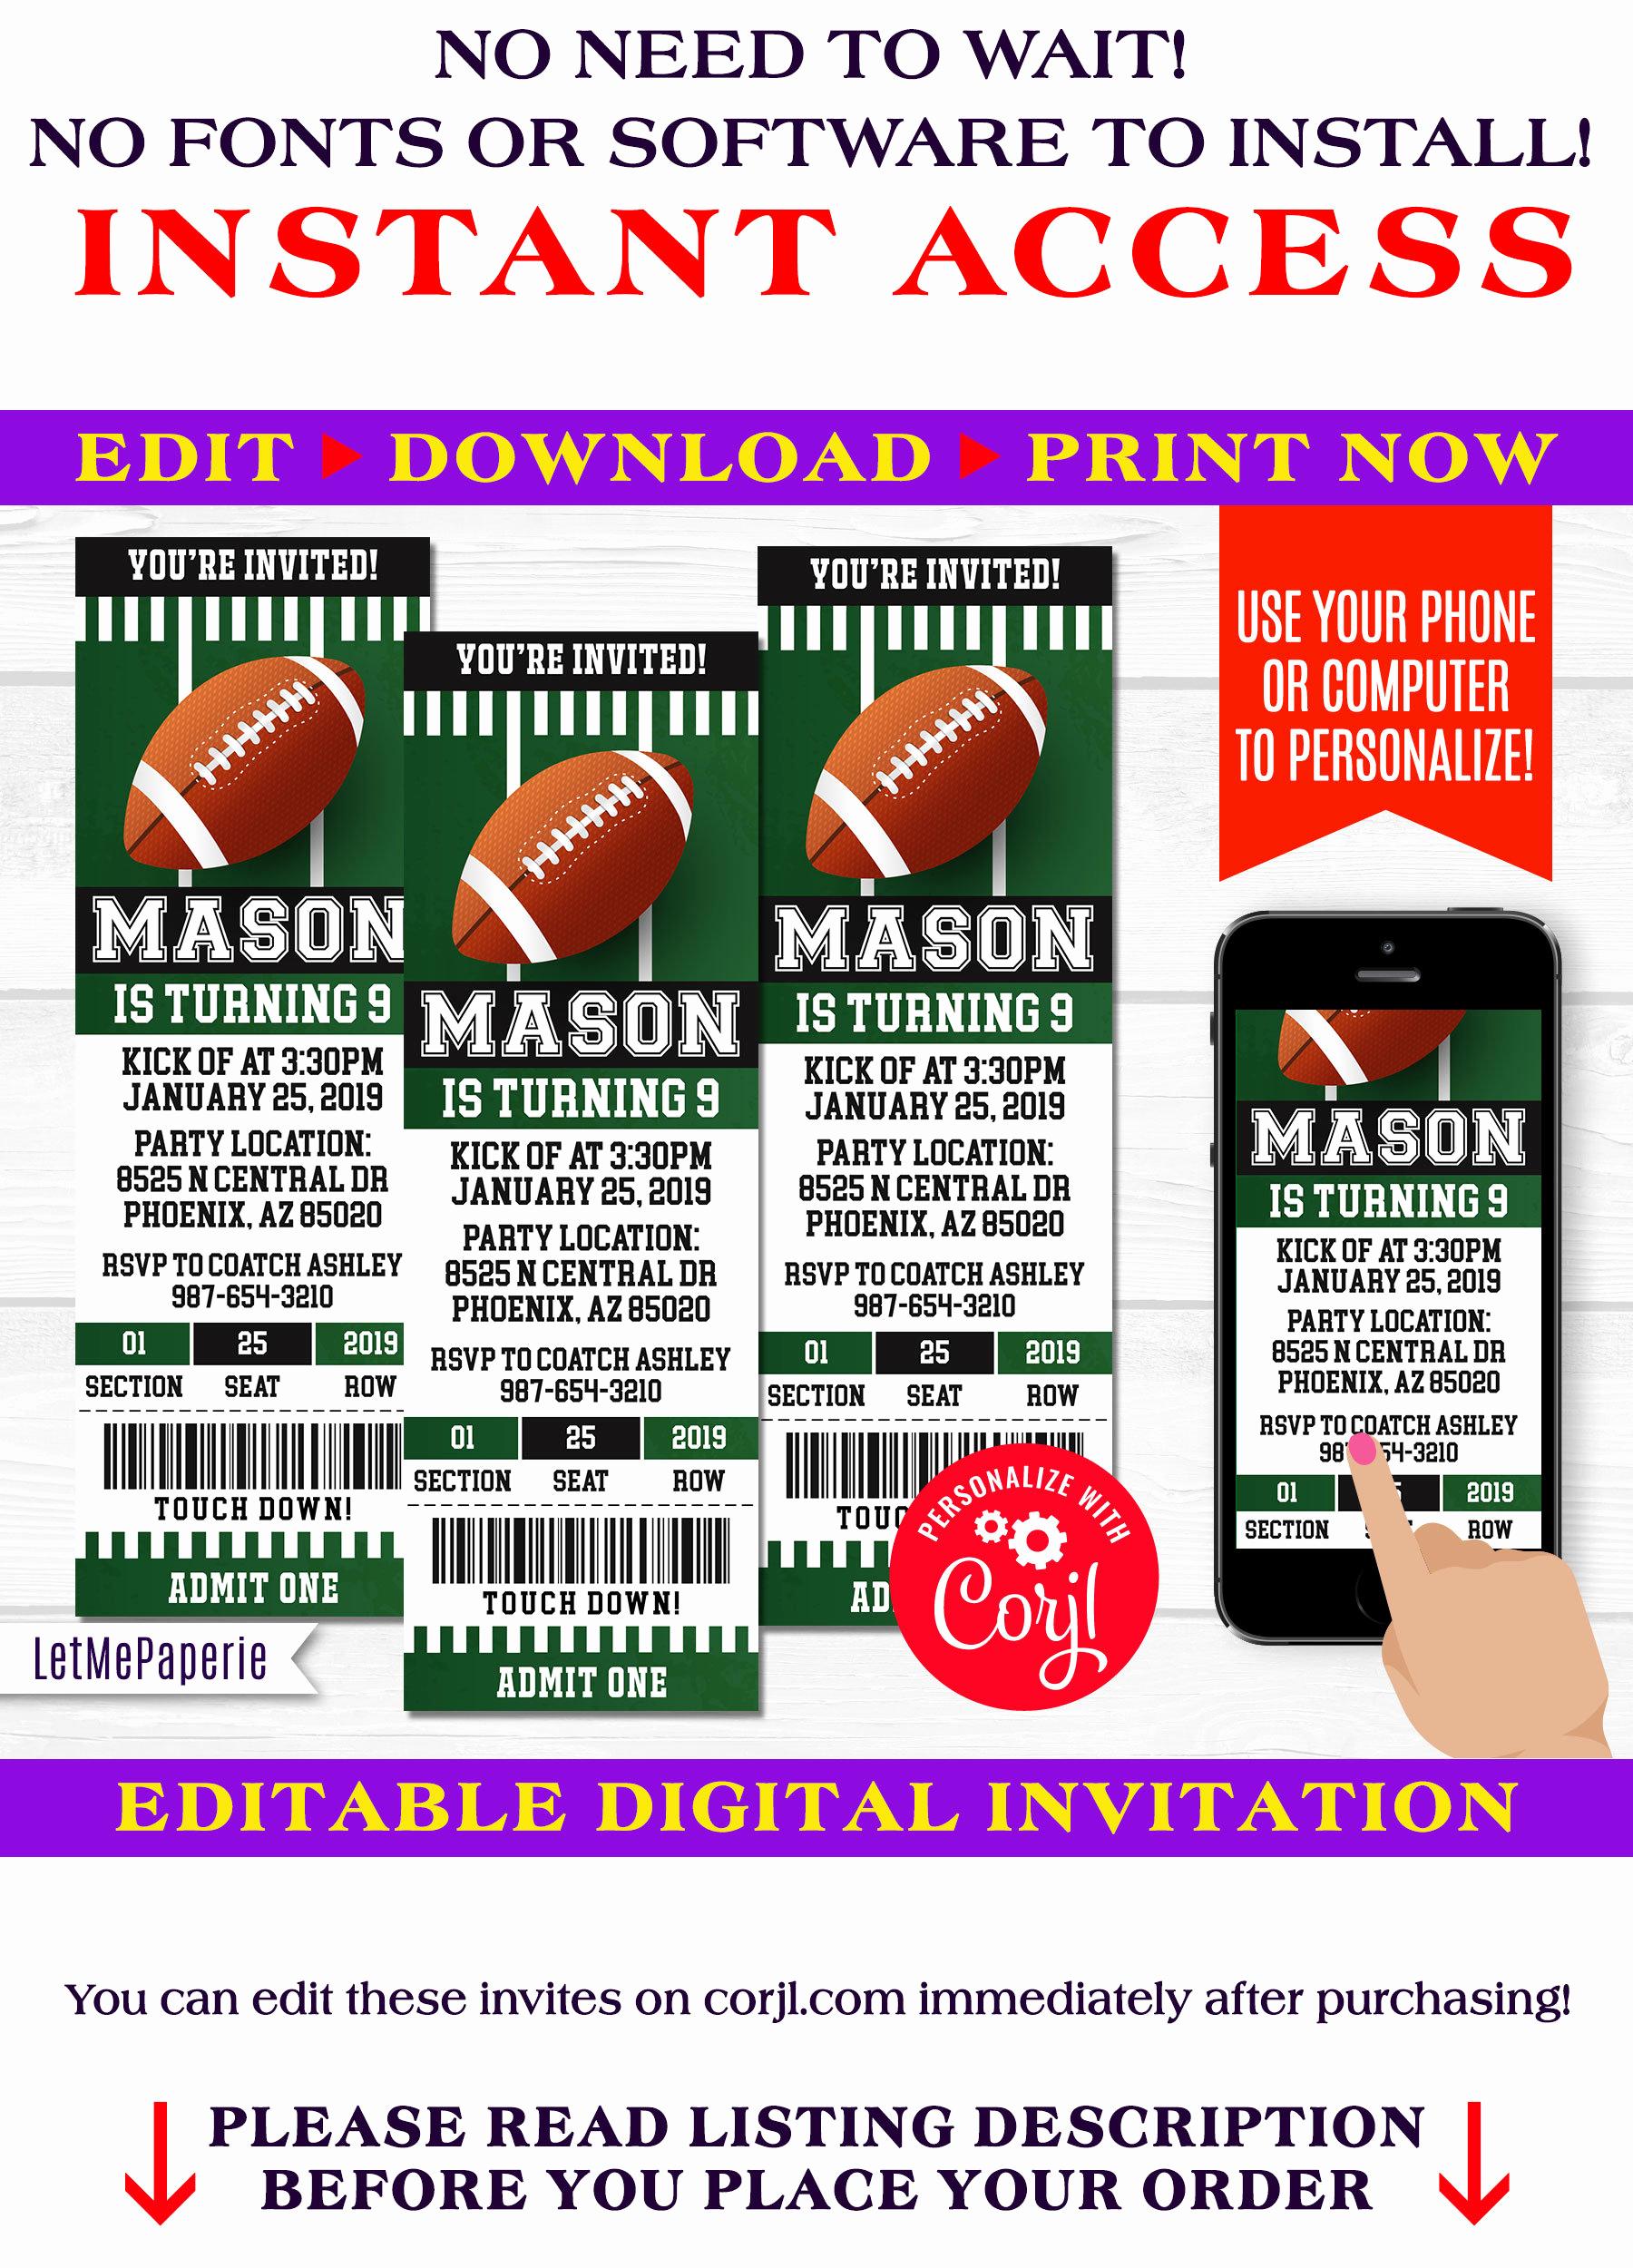 Football Ticket Invitation Template Free Luxury Football Ticket Invitation Template Editable Football